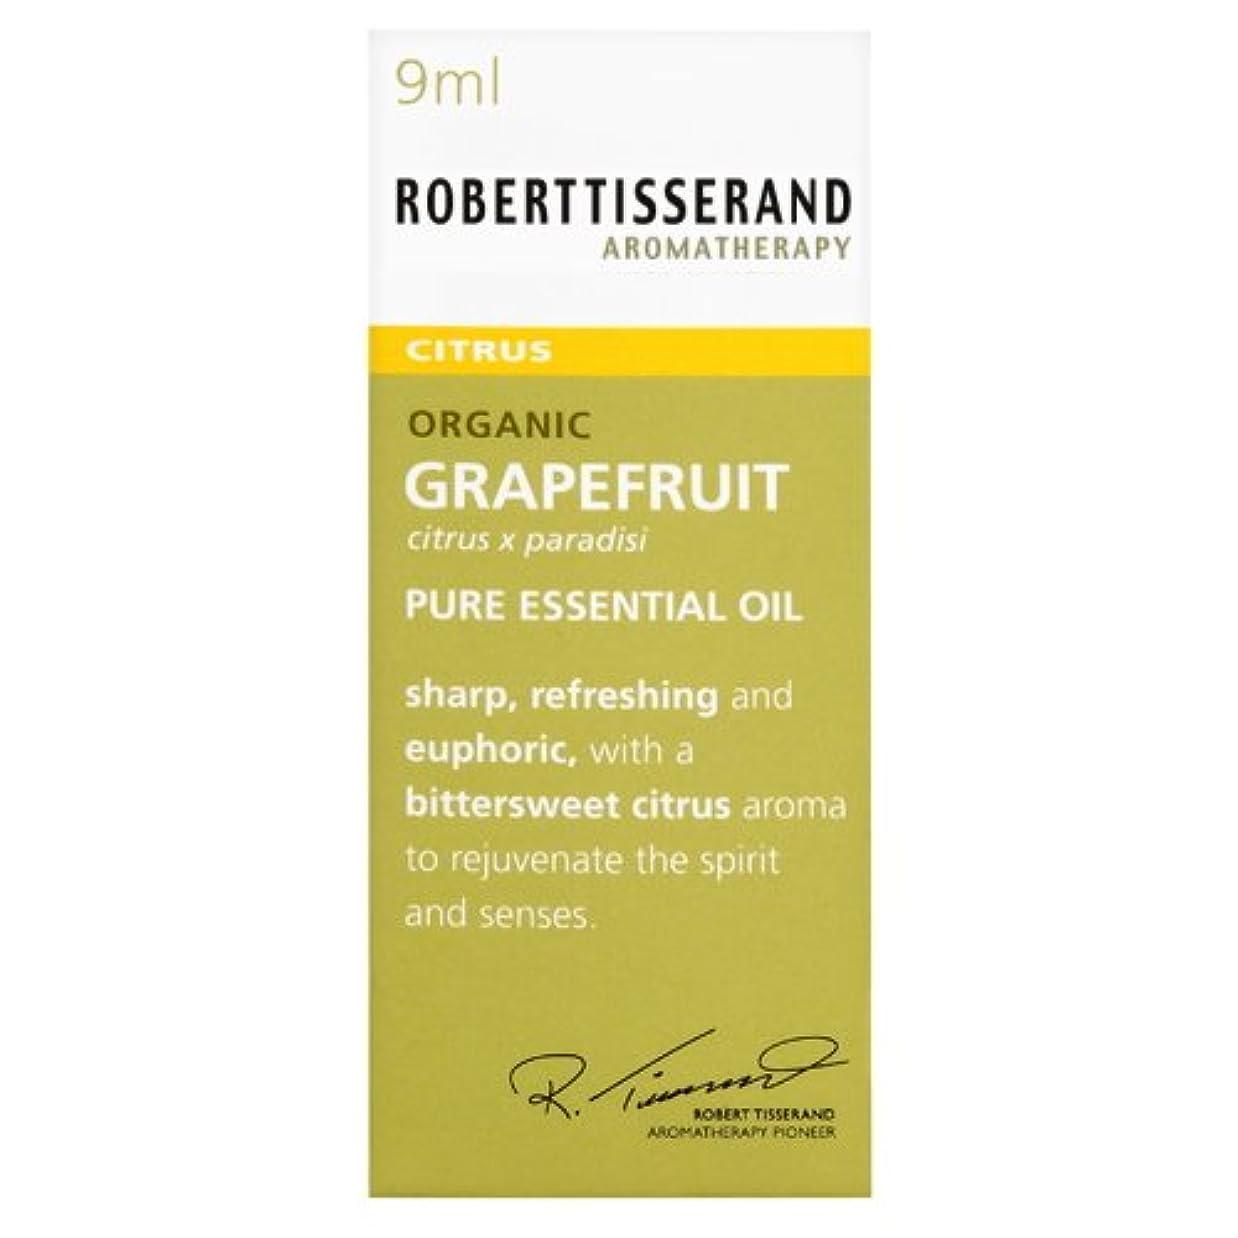 だます挑発する刺すロバートティスランド 英国土壌協会認証 オーガニック グレープフルーツ 9ml